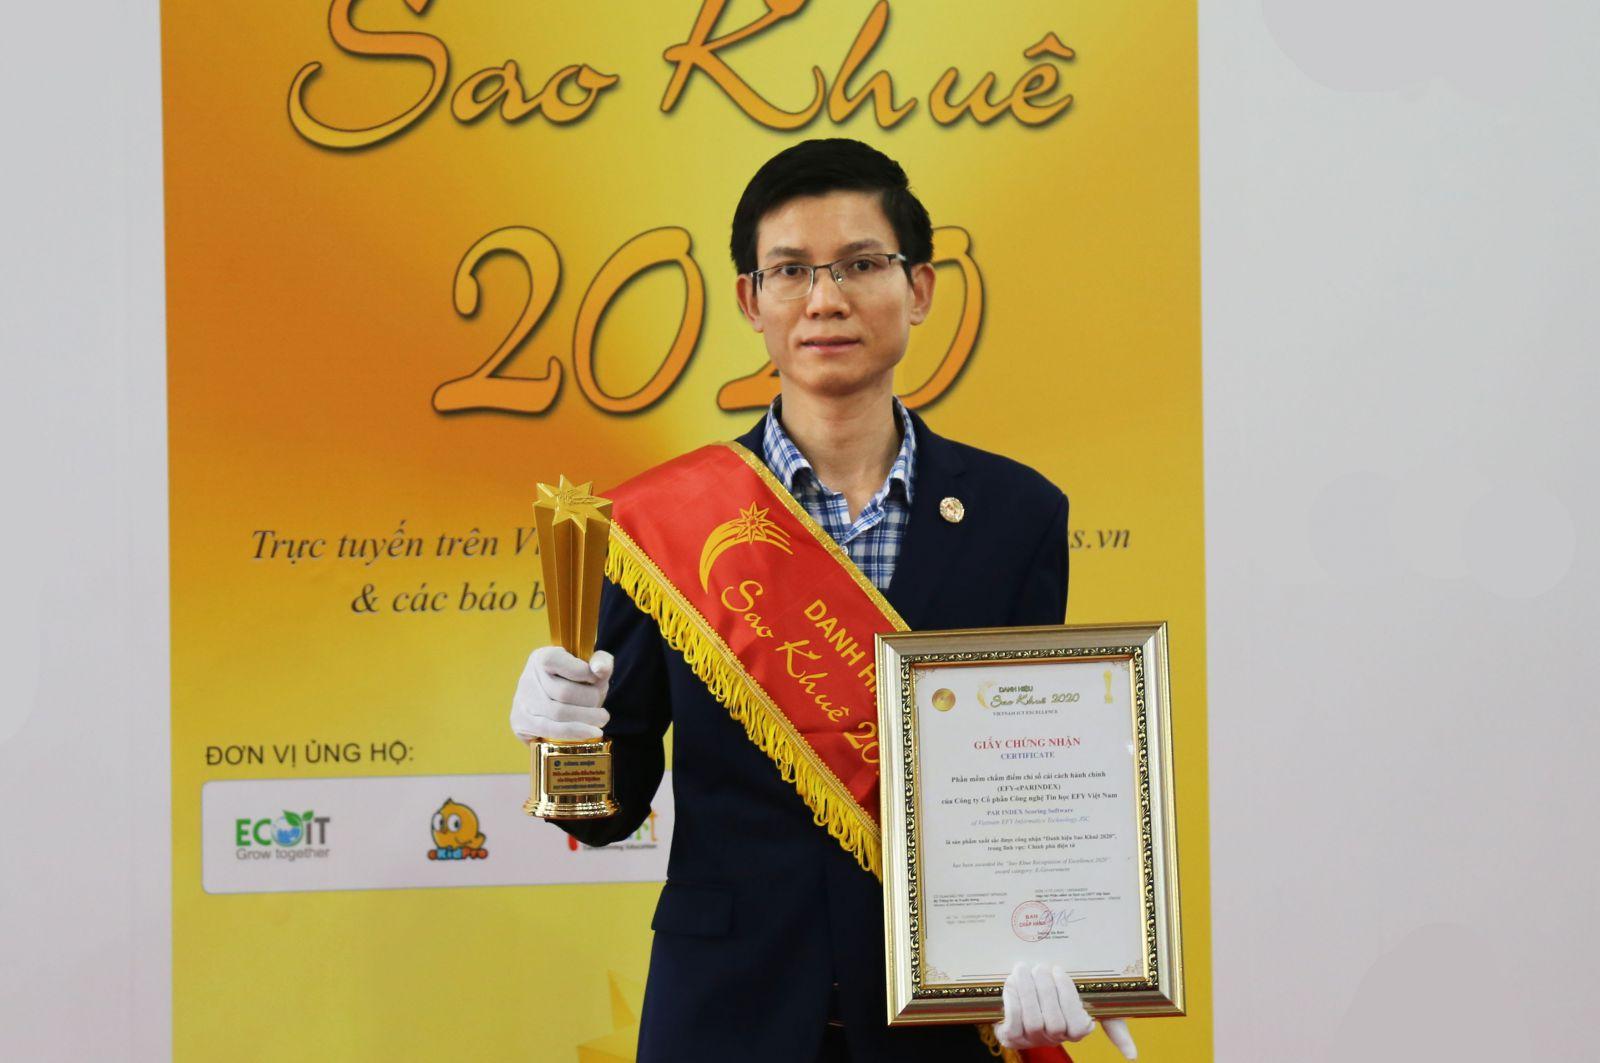 EFY Việt Nam nhận giải Sao Khuê 2020